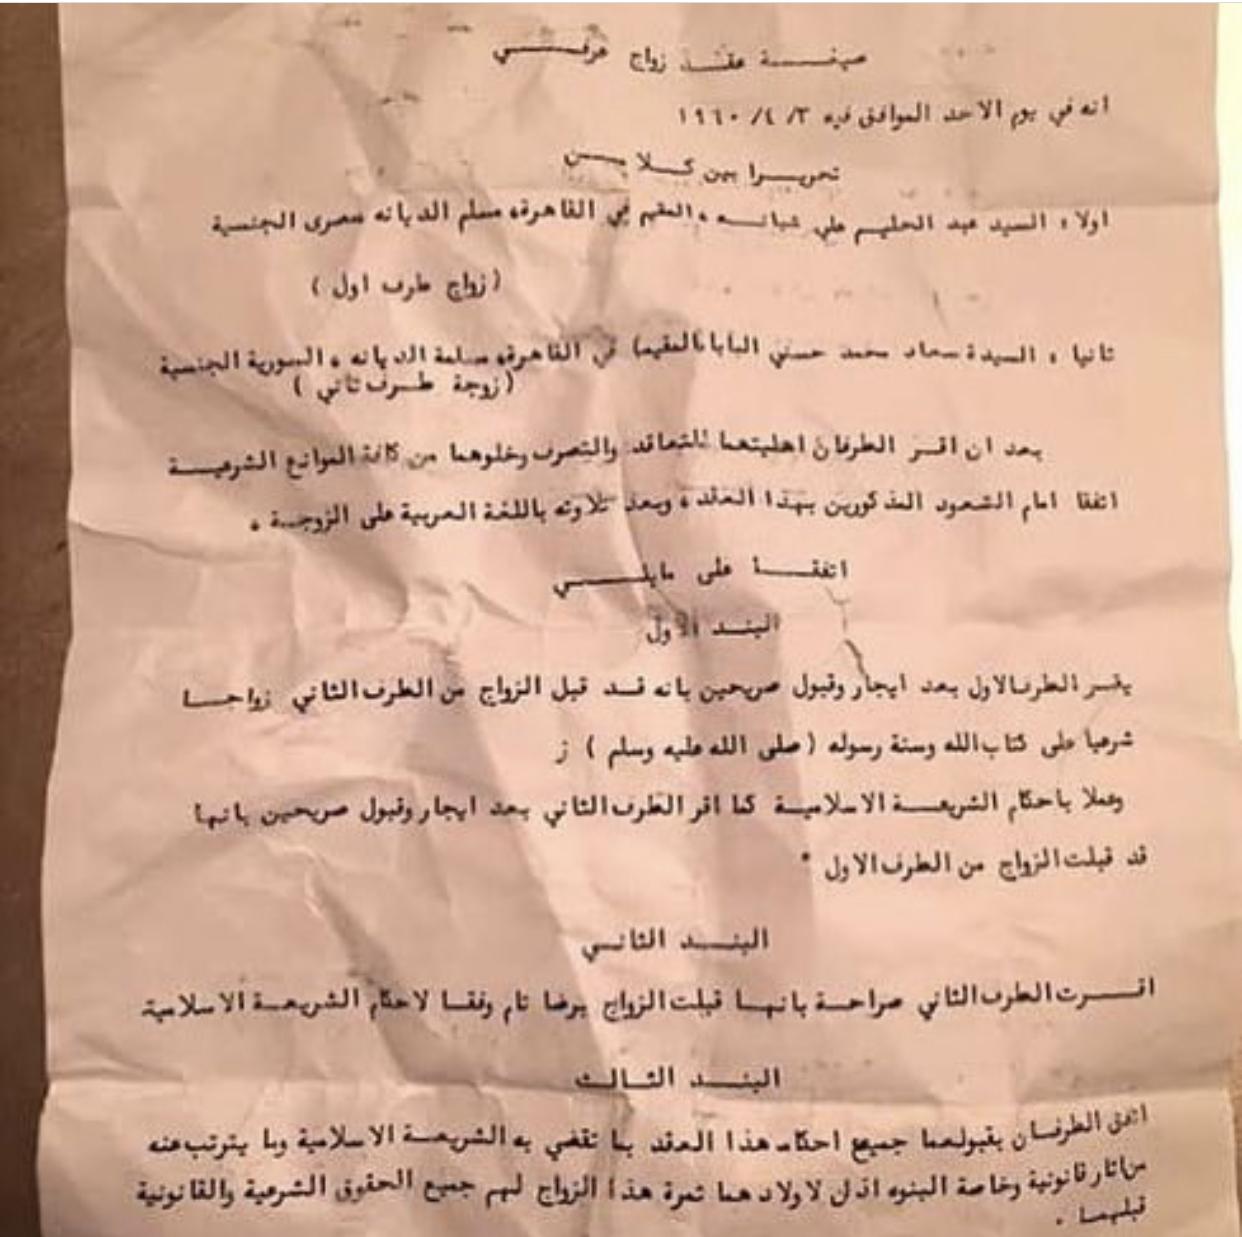 نشر صور عقد زواج عرفي بين عبدالحليم وسعاد حسني